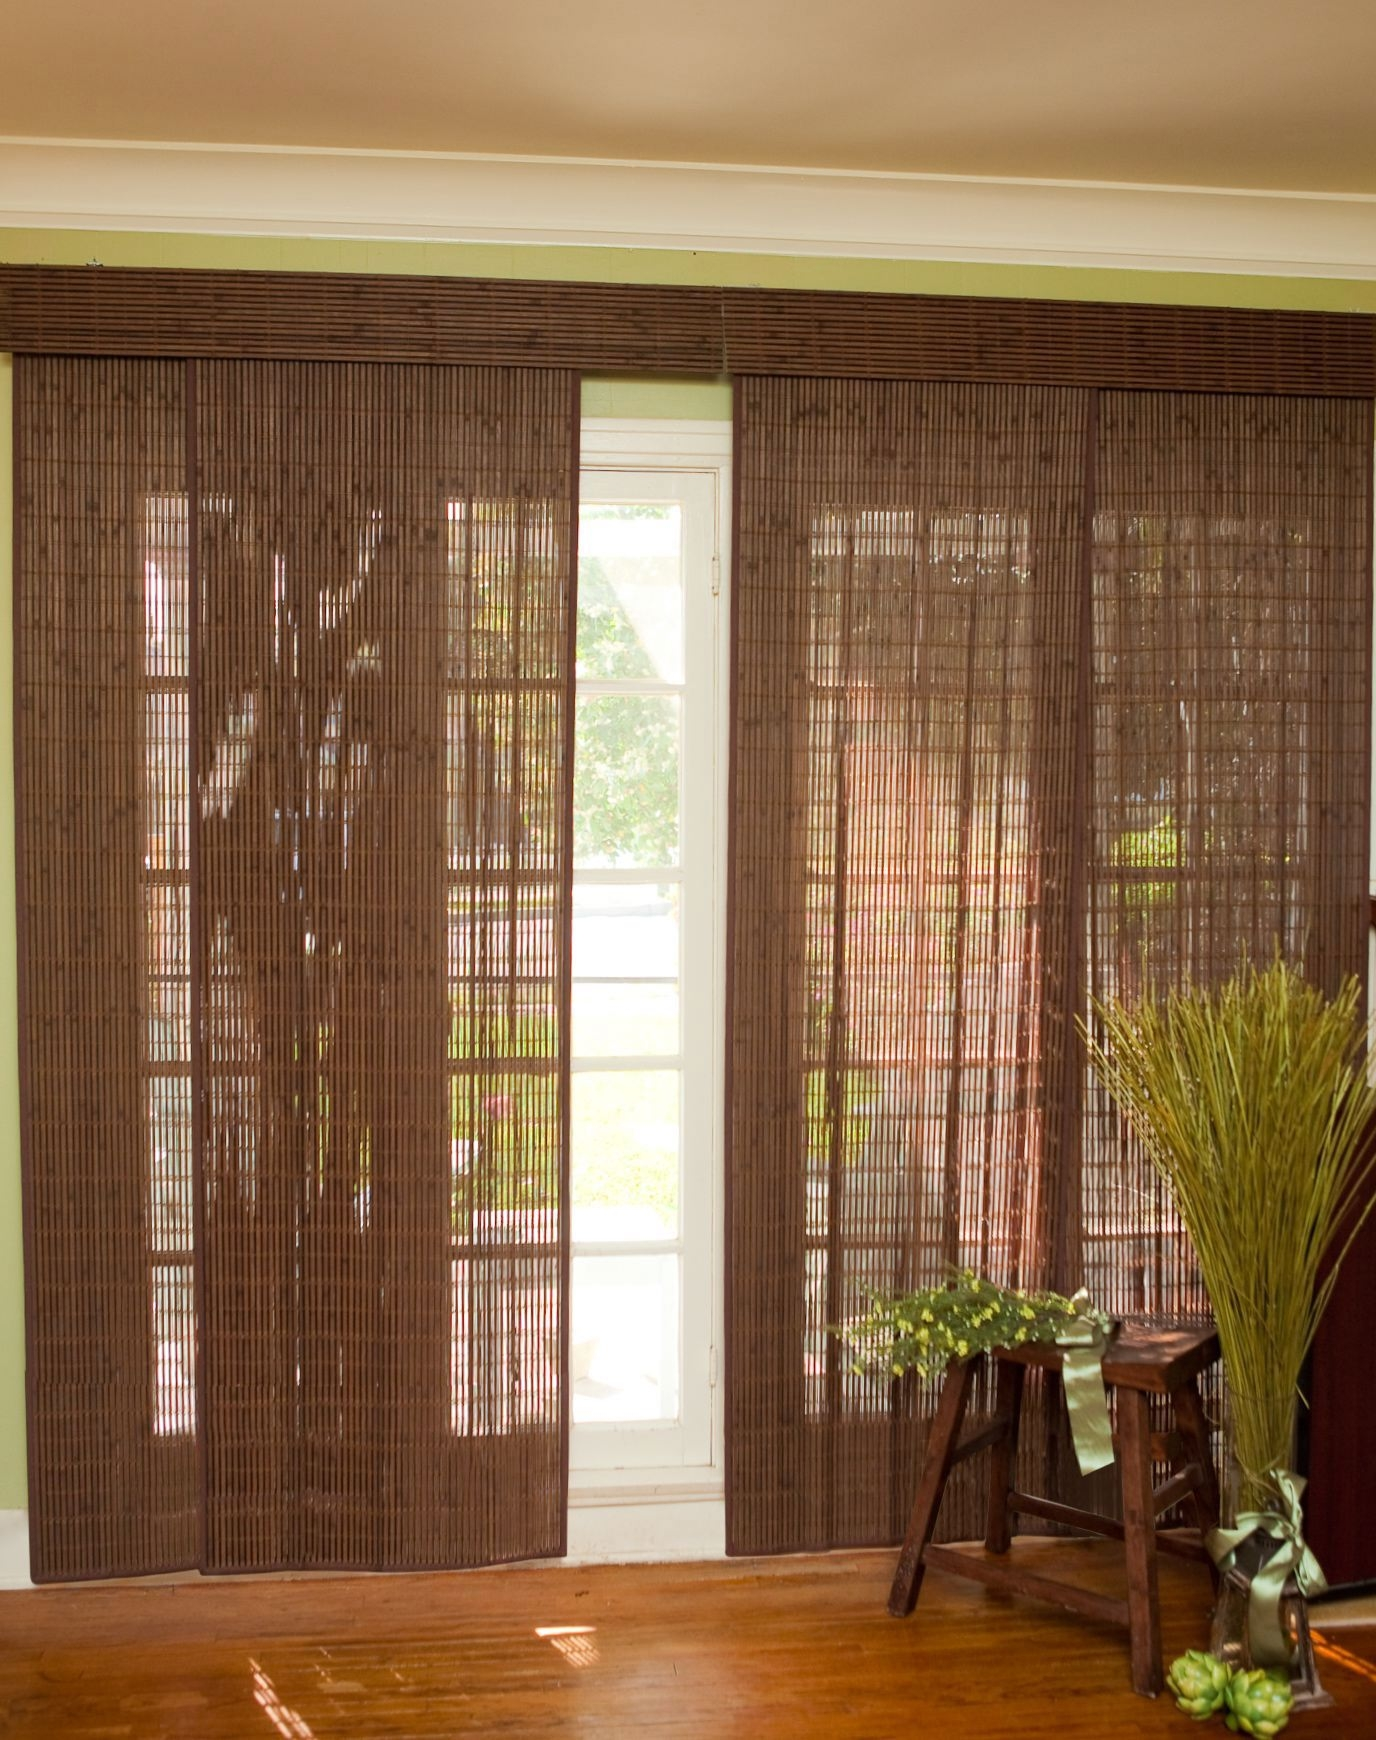 Bamboo Vertical Blinds For Sliding Doors